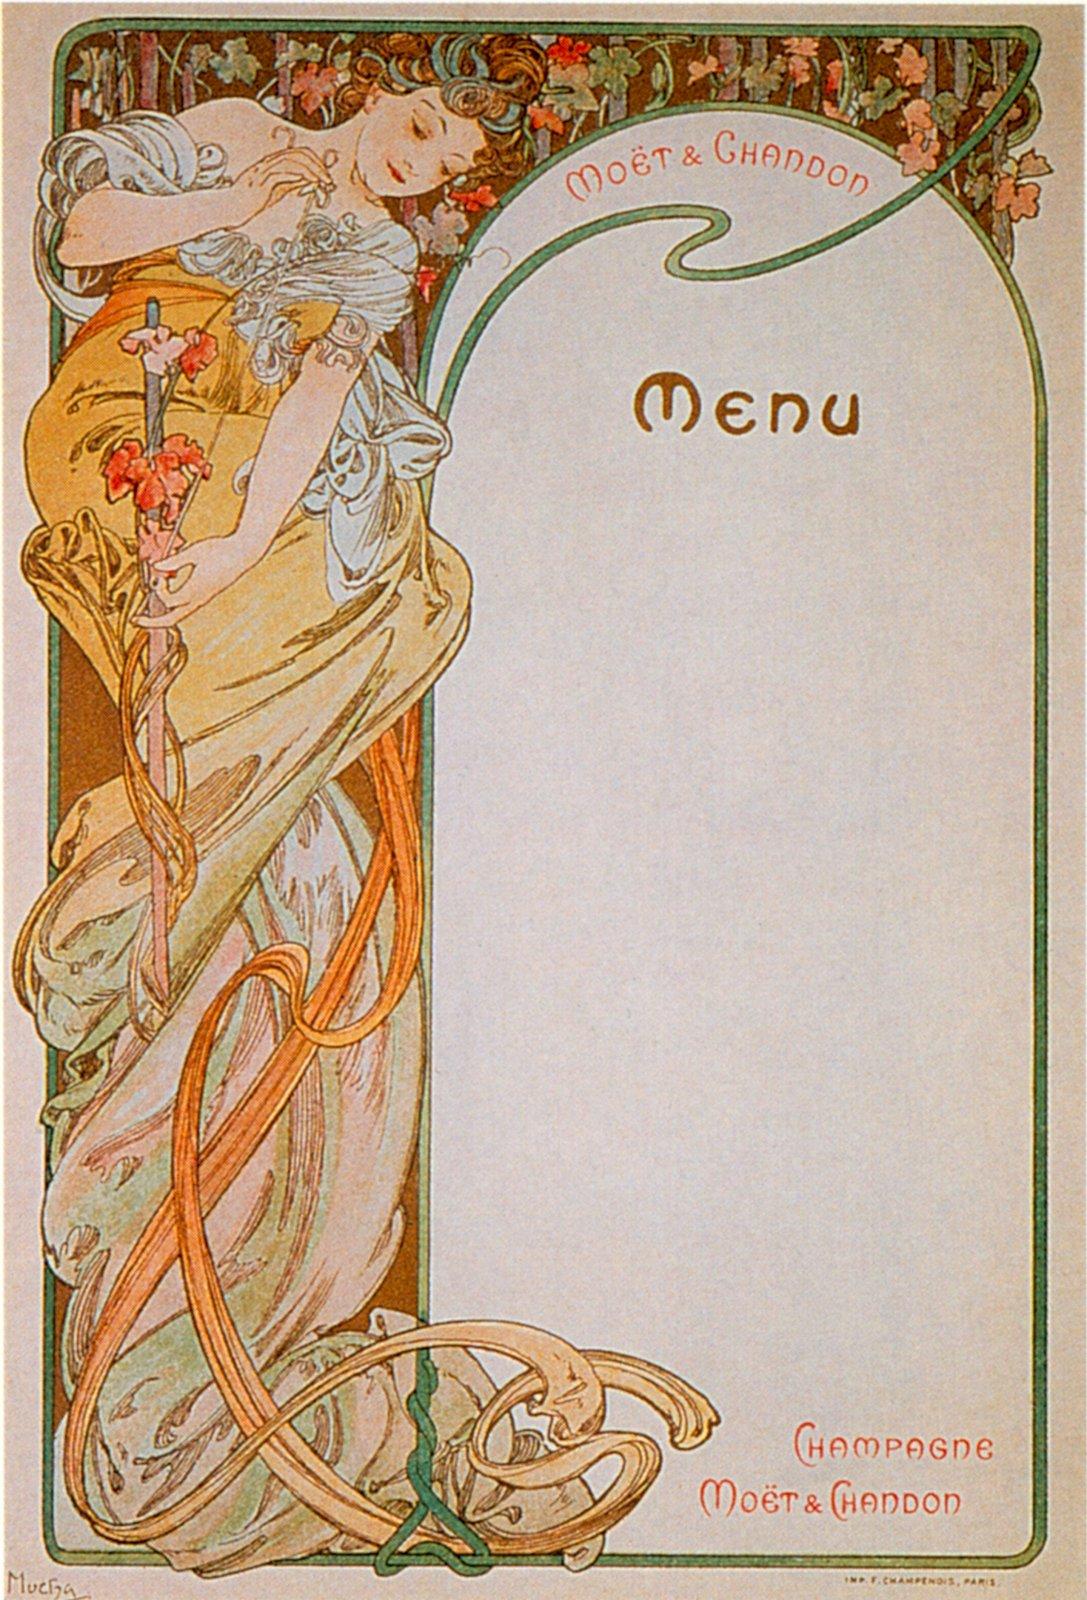 Реклама шампанского Moet & Chandon-Menu 1-1899